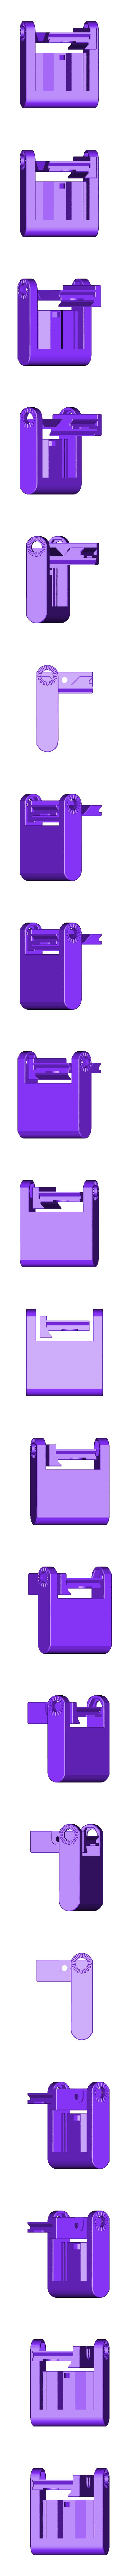 Clamp Frame v1.stl Télécharger fichier STL gratuit LiftPod - Support pliable multifonctionnel • Objet à imprimer en 3D, HeyVye